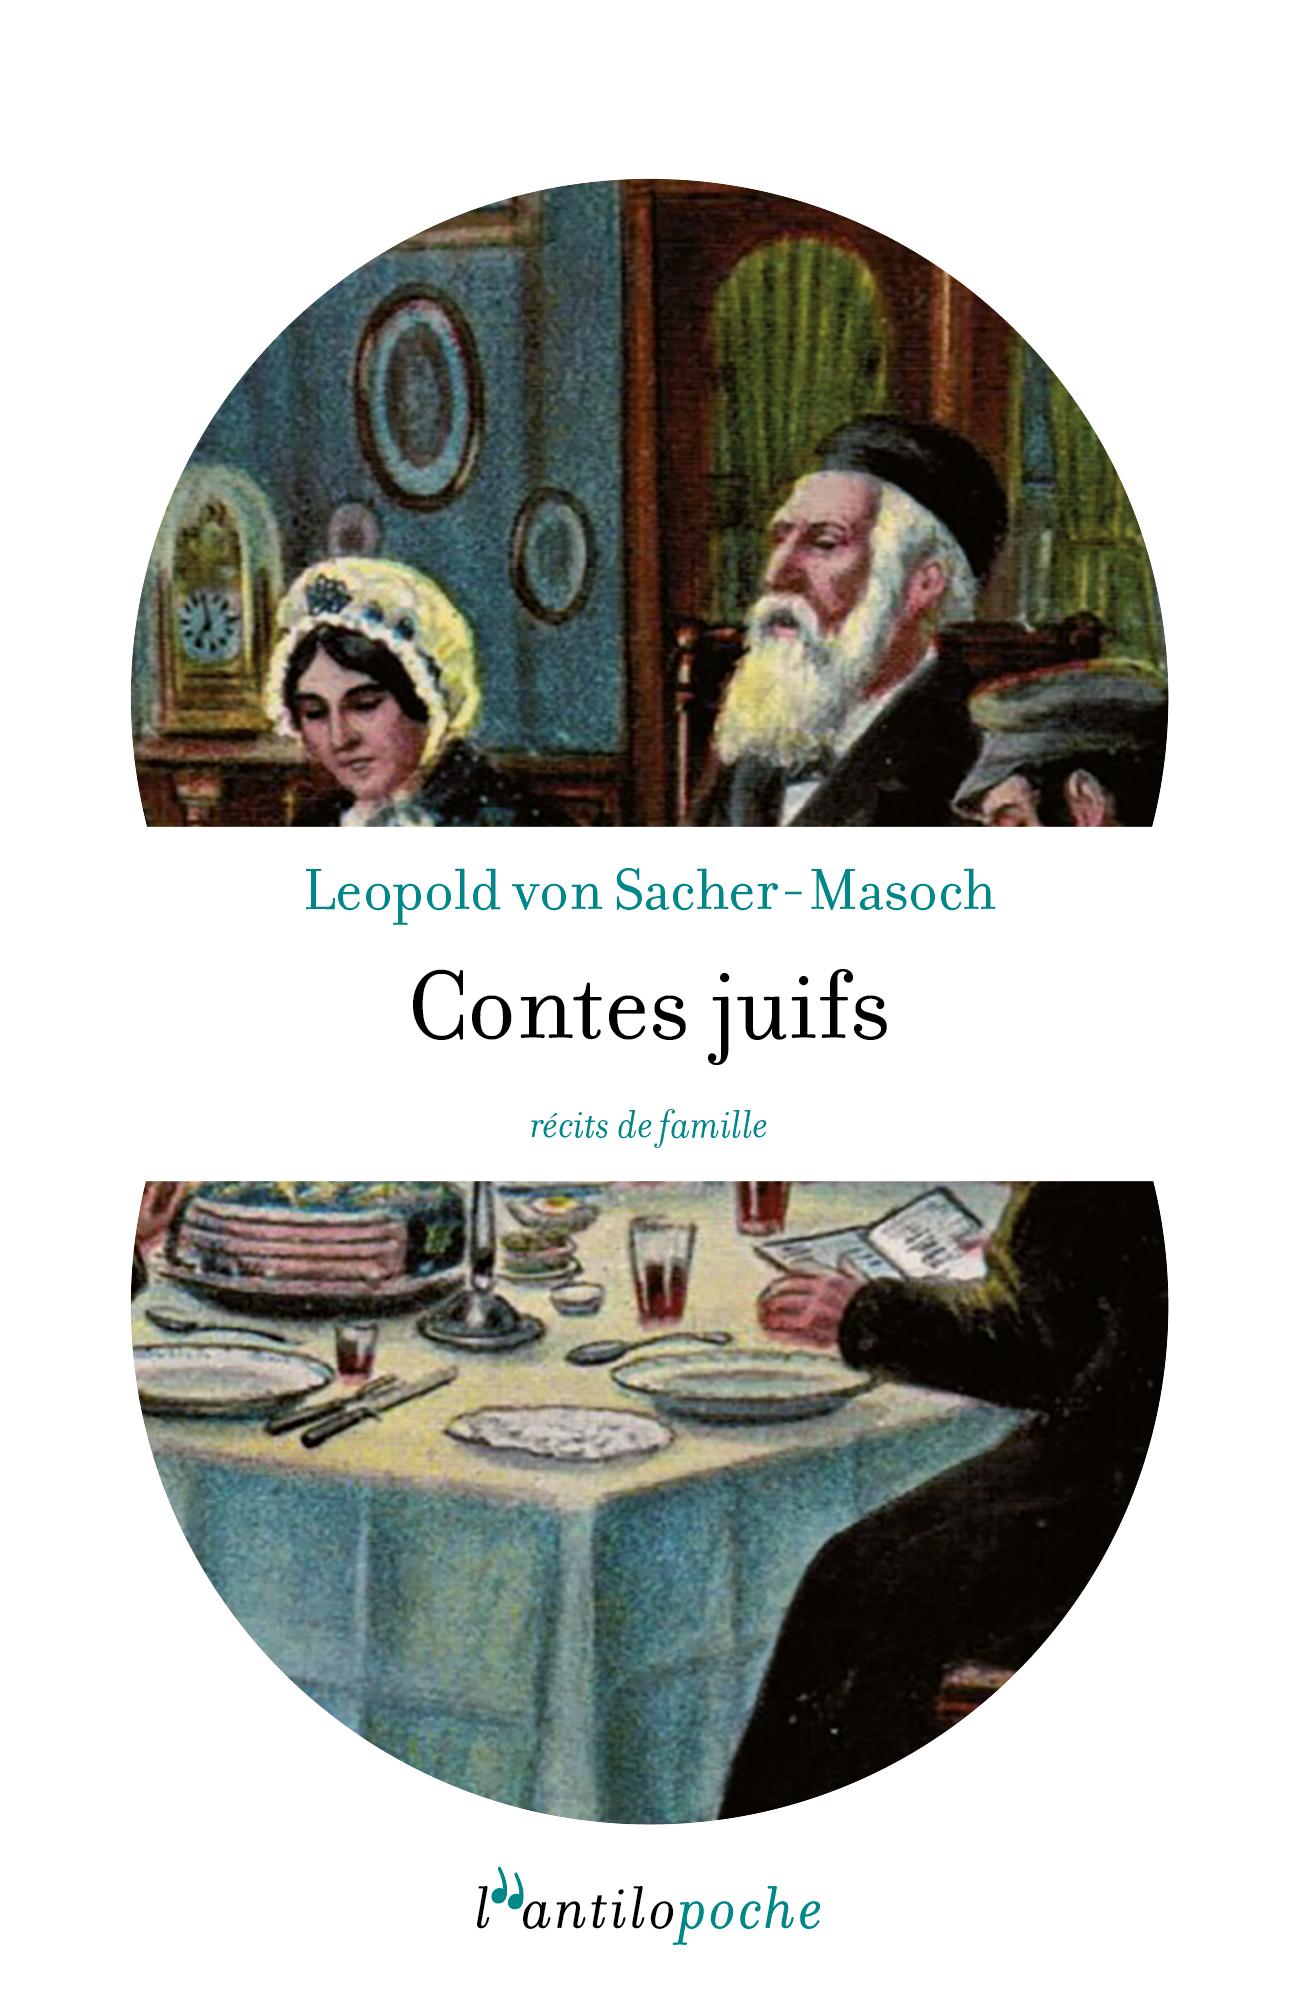 """""""Contes juifs"""" de Leopold von Sacher-Masoch, L'antilopoche, 16 septembre 2021"""